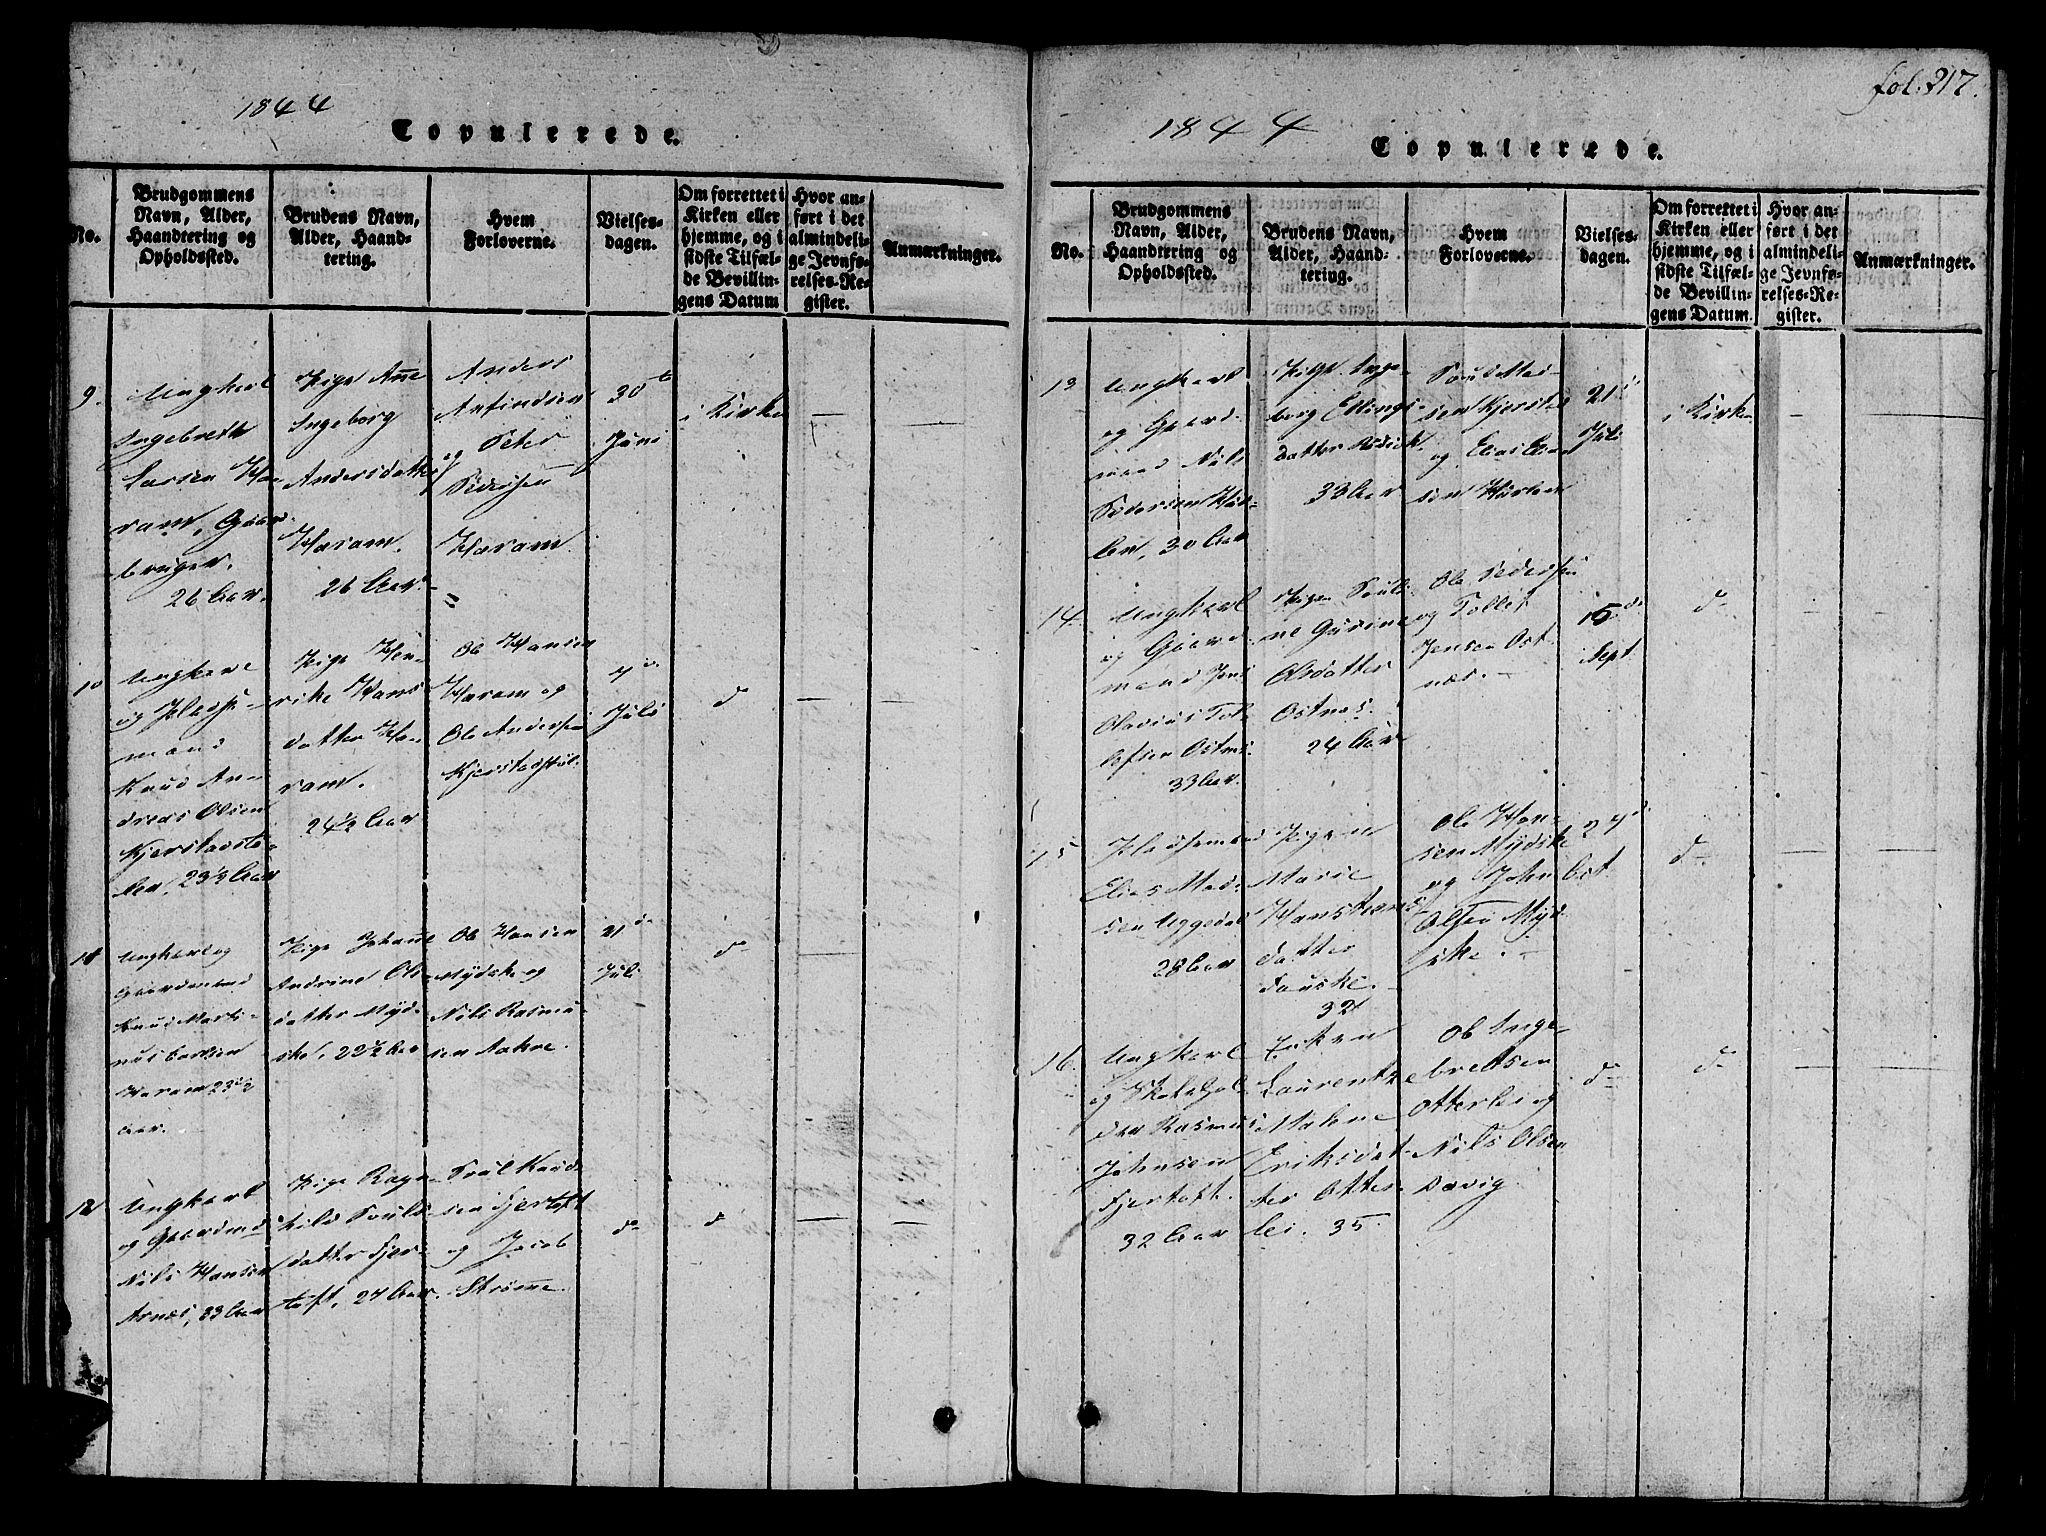 SAT, Ministerialprotokoller, klokkerbøker og fødselsregistre - Møre og Romsdal, 536/L0495: Ministerialbok nr. 536A04, 1818-1847, s. 217